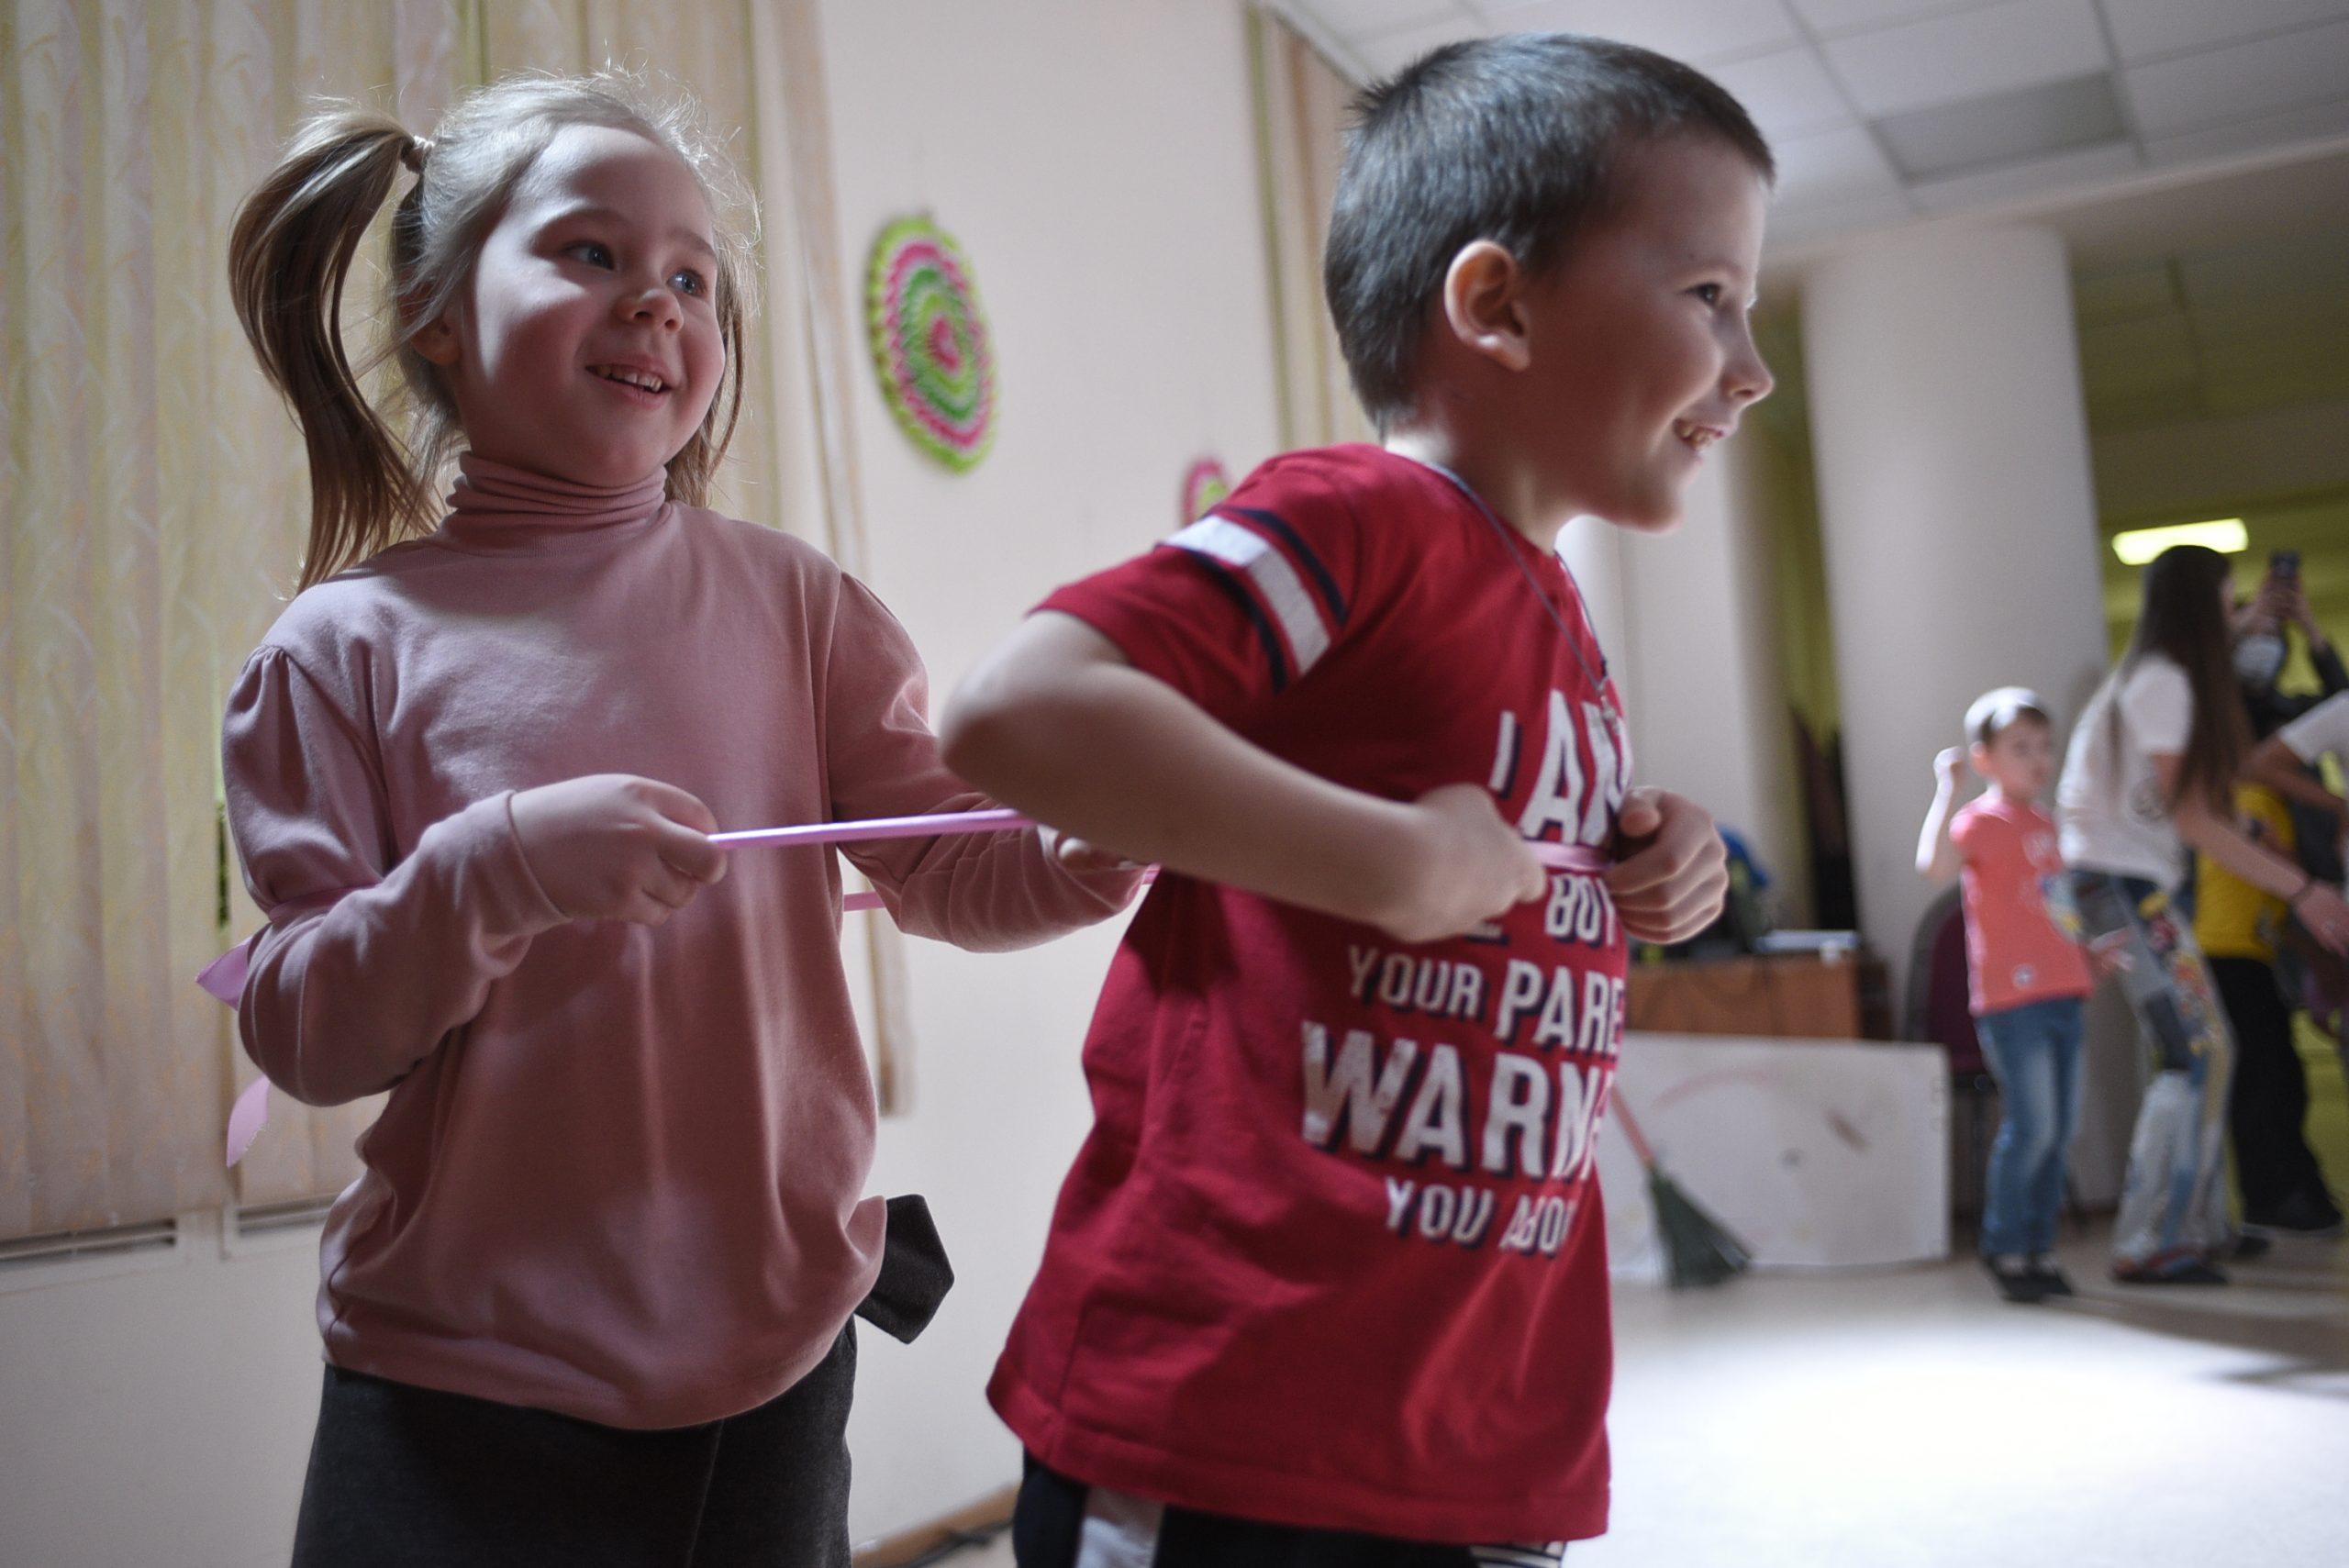 Спорт с утра: тренировку для детей проведут сотрудники центра «Замоскворечье». Фото: Пелагия Замятина, «Вечерняя Москва»